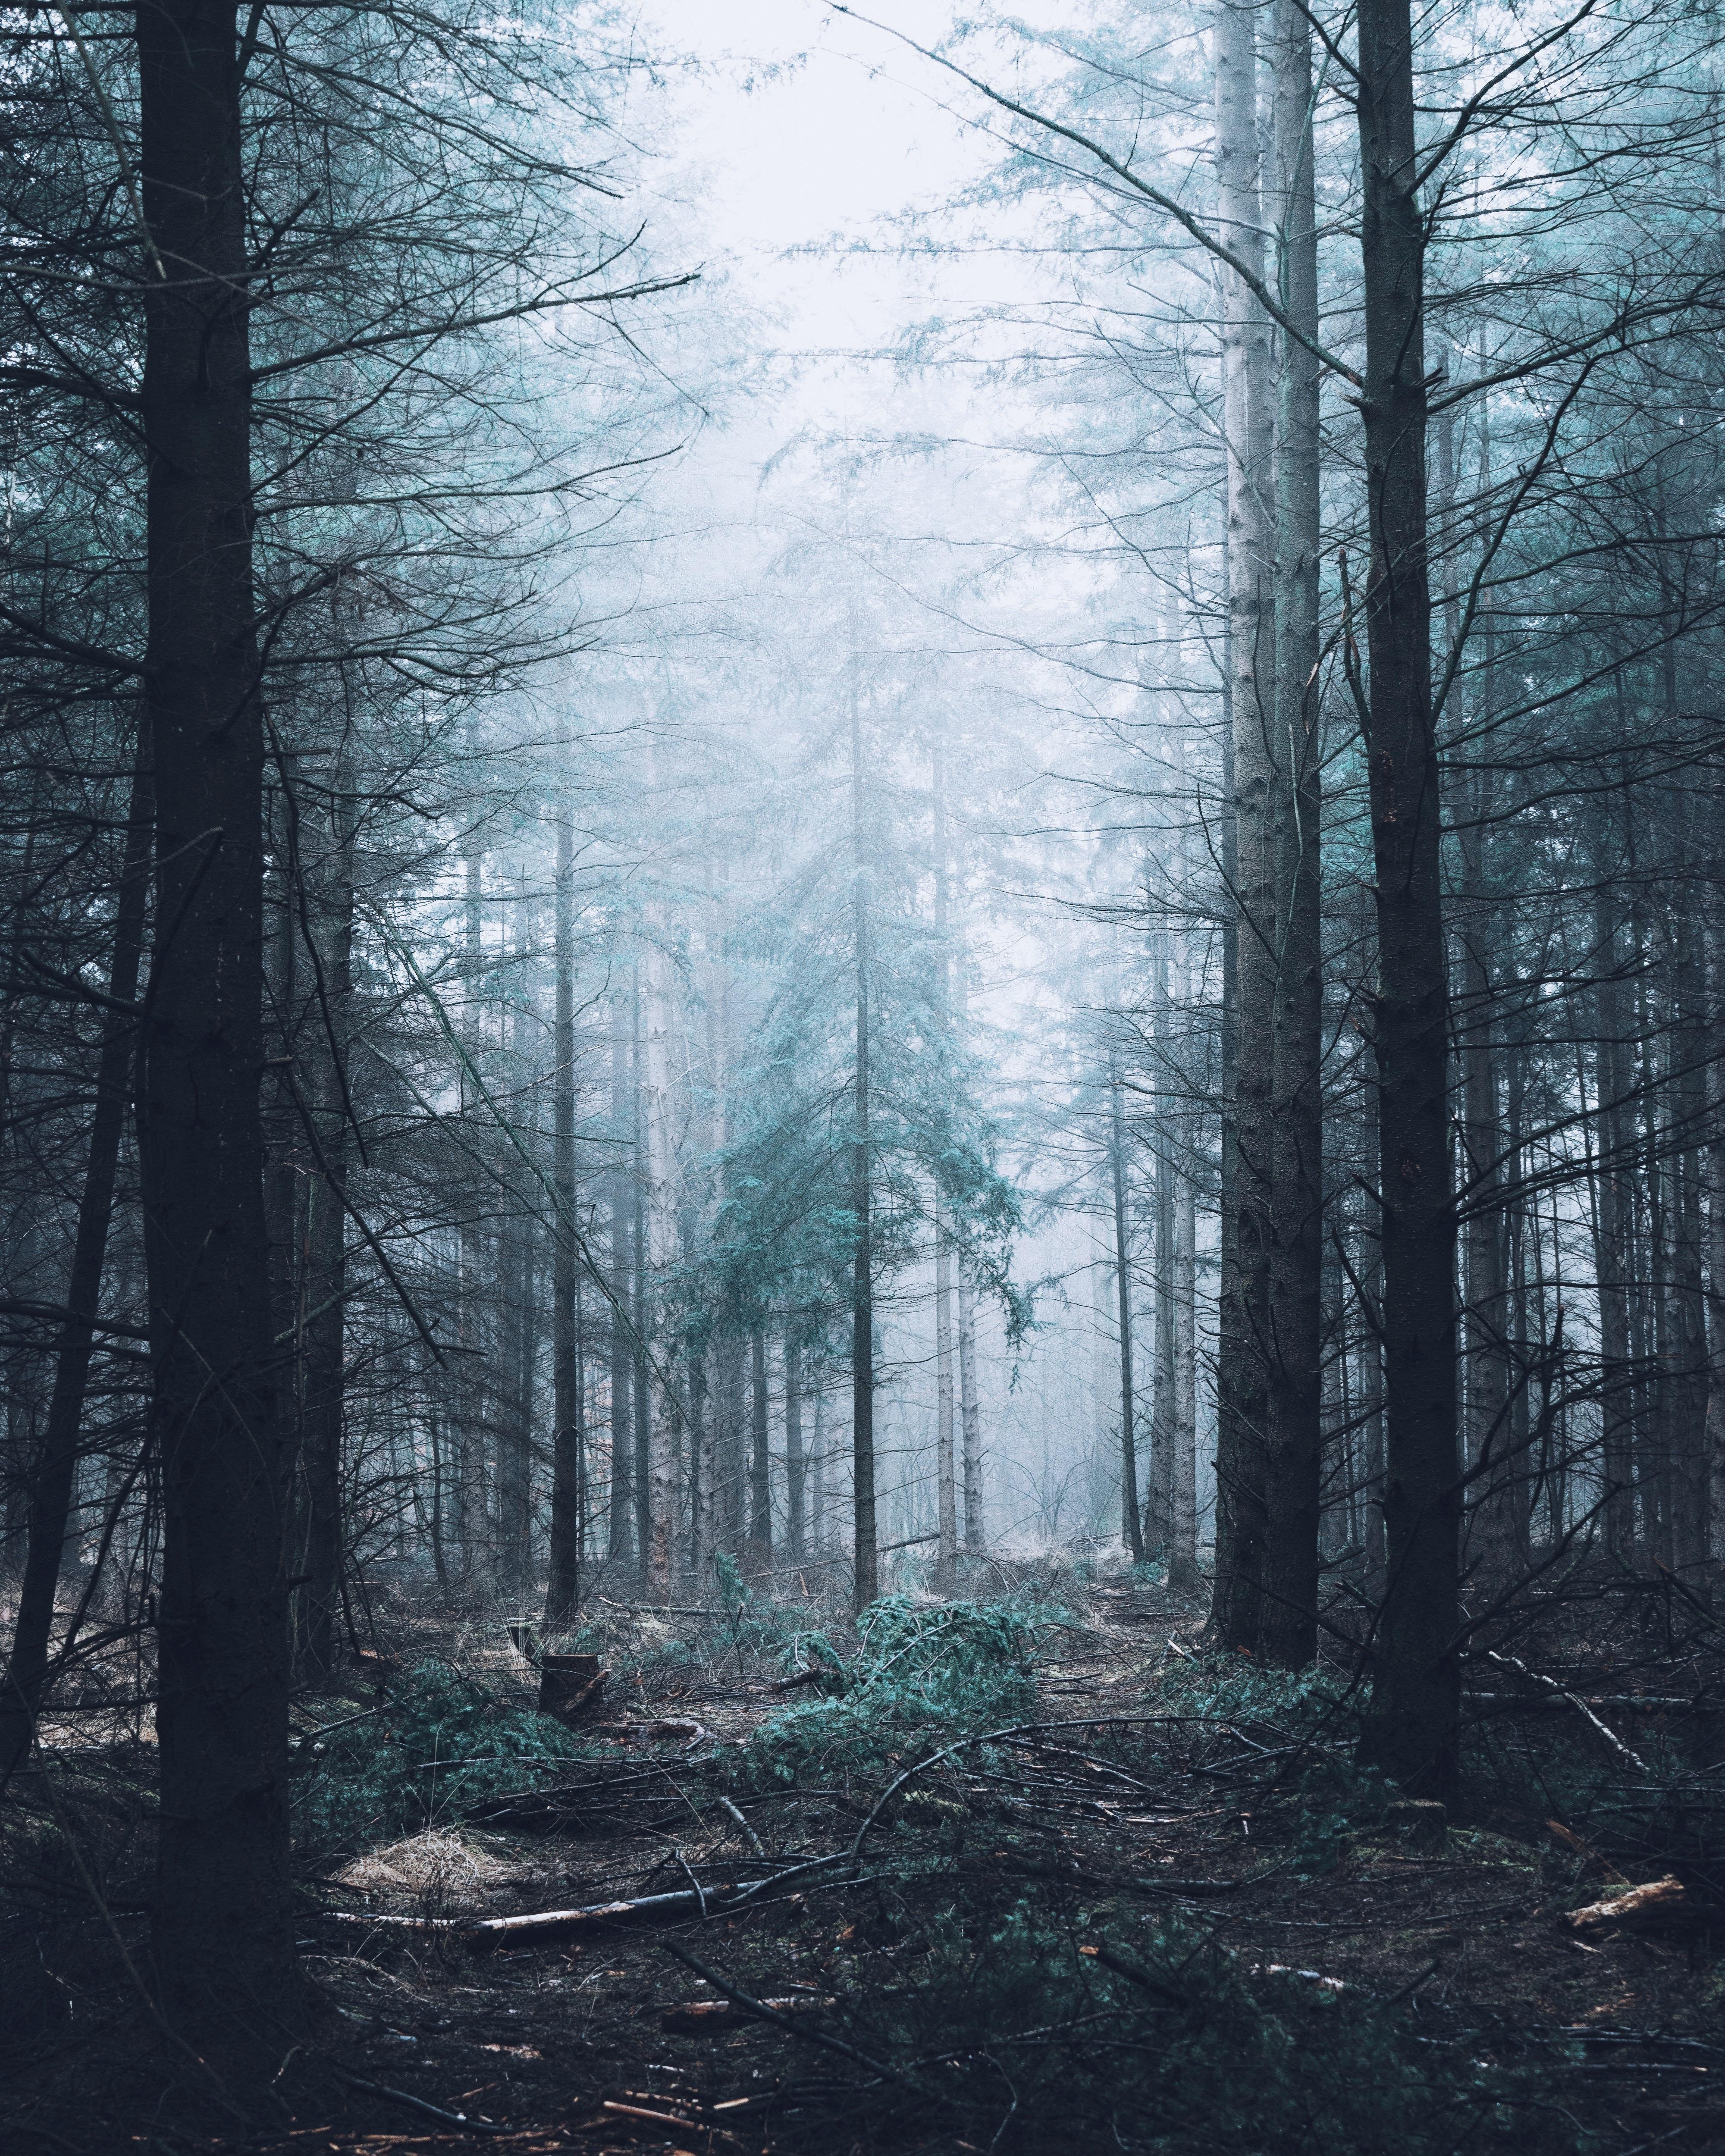 151672 скачать обои Природа, Лес, Туман, Деревья, Сосны - заставки и картинки бесплатно